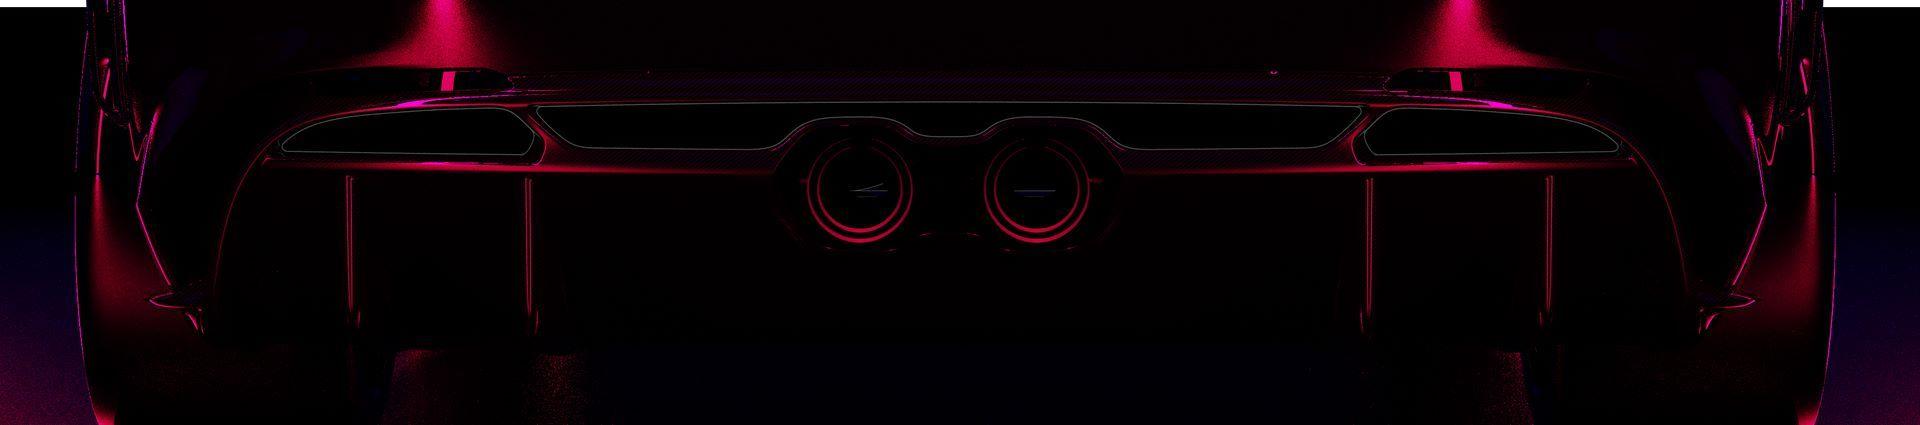 Alfa-Romeo-Giulia-GTA-and-GTAm-18